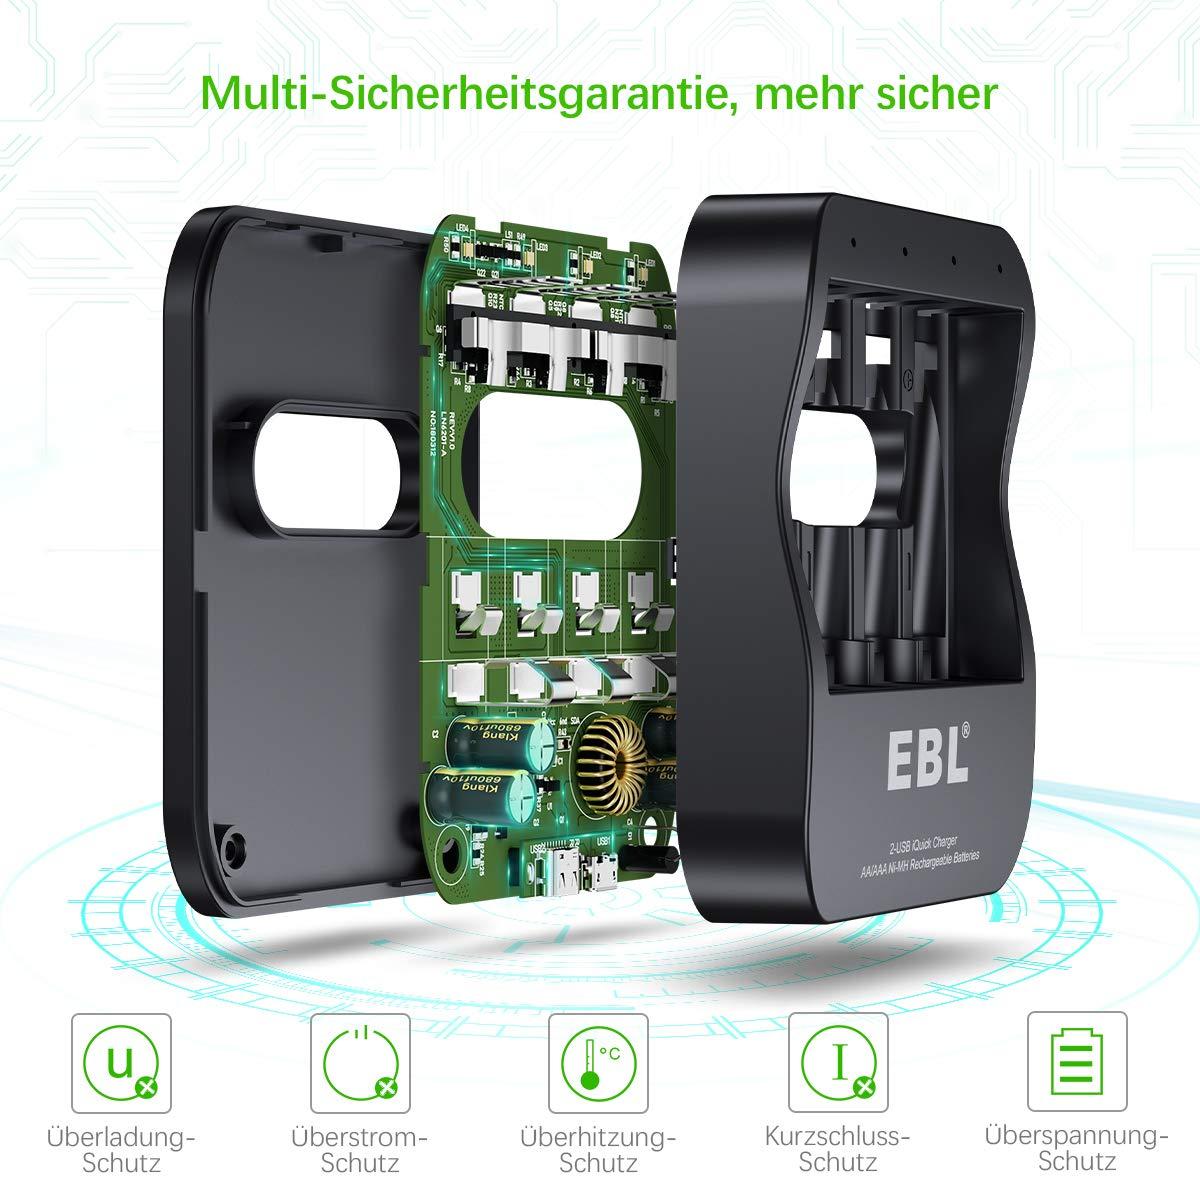 EBL USB Schnell Akku Ladegerät für AA, AAA, NI-MH Akkus inkl. 4*AAA Akku, Schnelle Aufladung mit 2 Eingangsport (Micro USB und Type C)